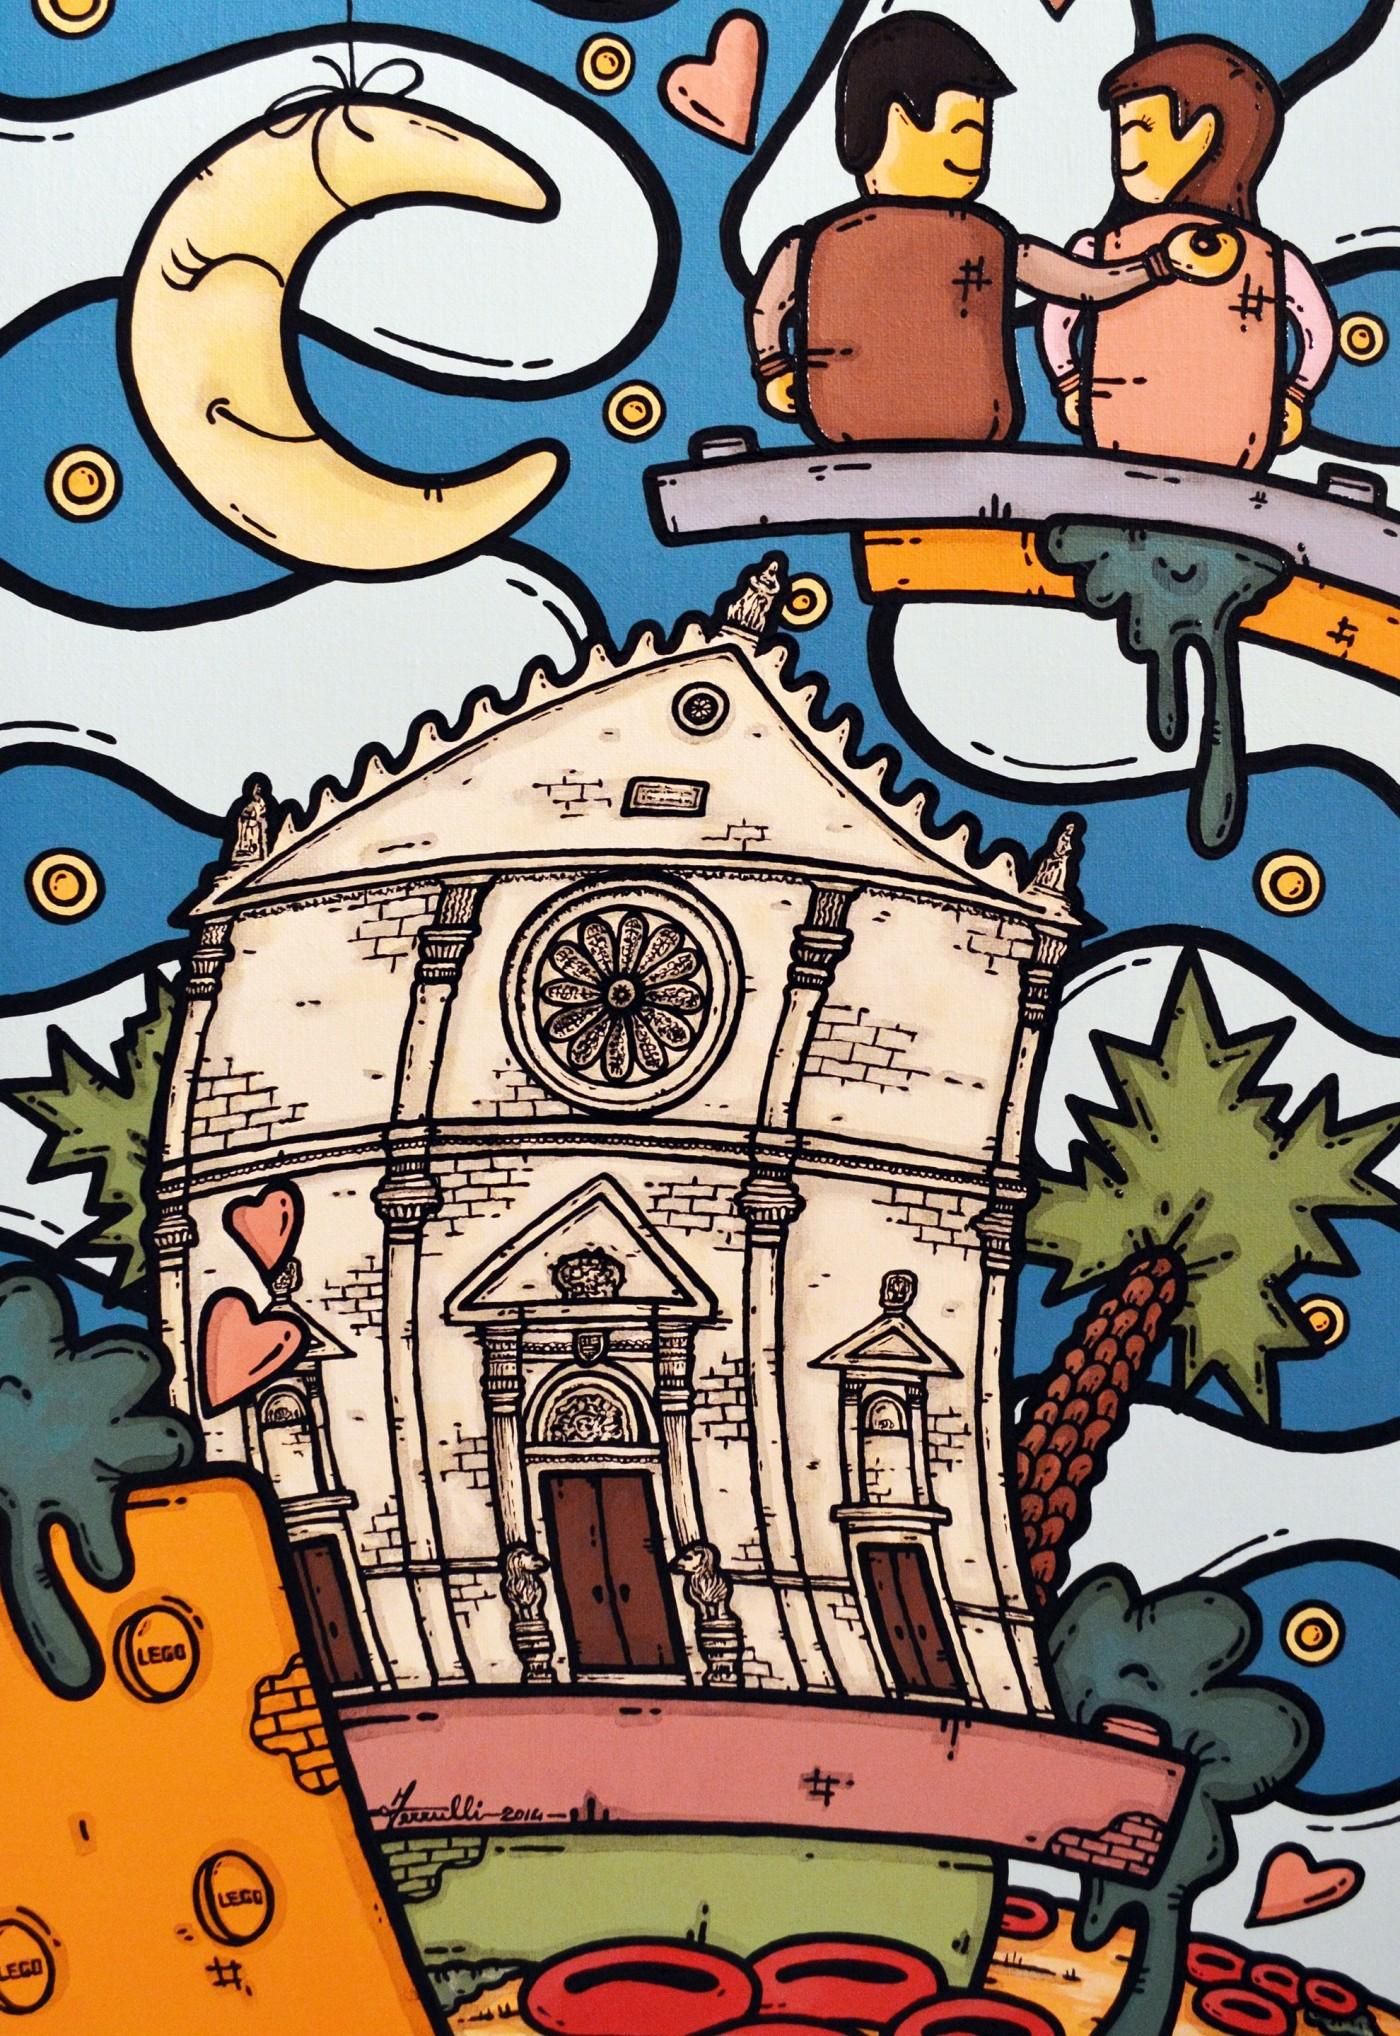 opera d'arte, contornismo metafisico, francesco ferrulli, pittore pugliese, artista italiano, arte contemporanea, puglia, dipinto, olio su tela, paesaggi pugliesi, quadro colorato, oil on canvas, art, painter, lego, cattedrale acquaviva, sposini, amore, cuori